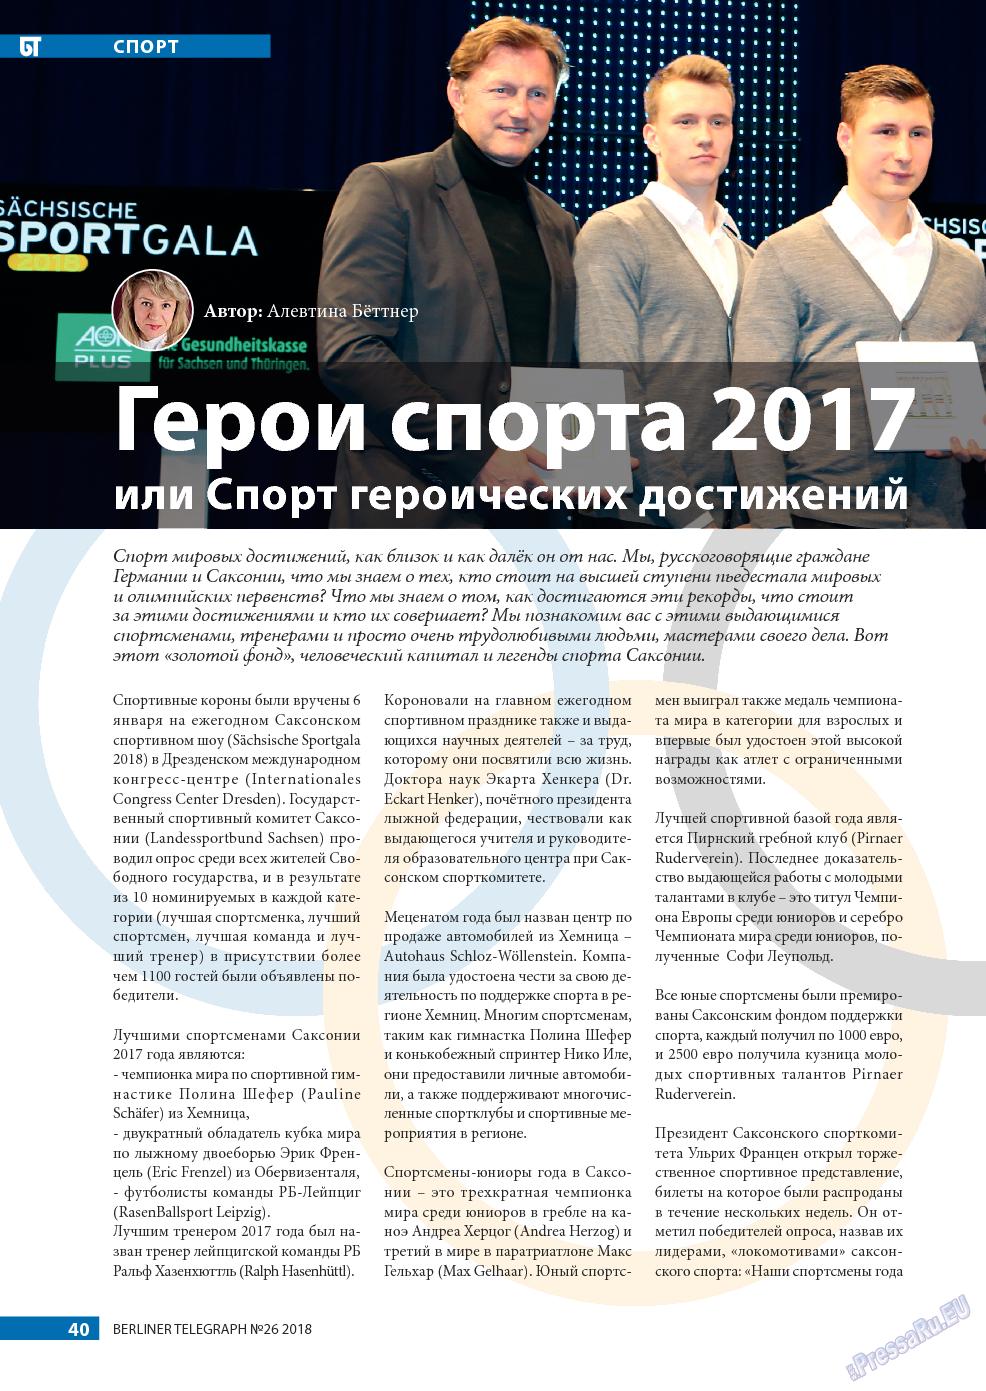 Берлинский телеграф (журнал). 2018 год, номер 26, стр. 40